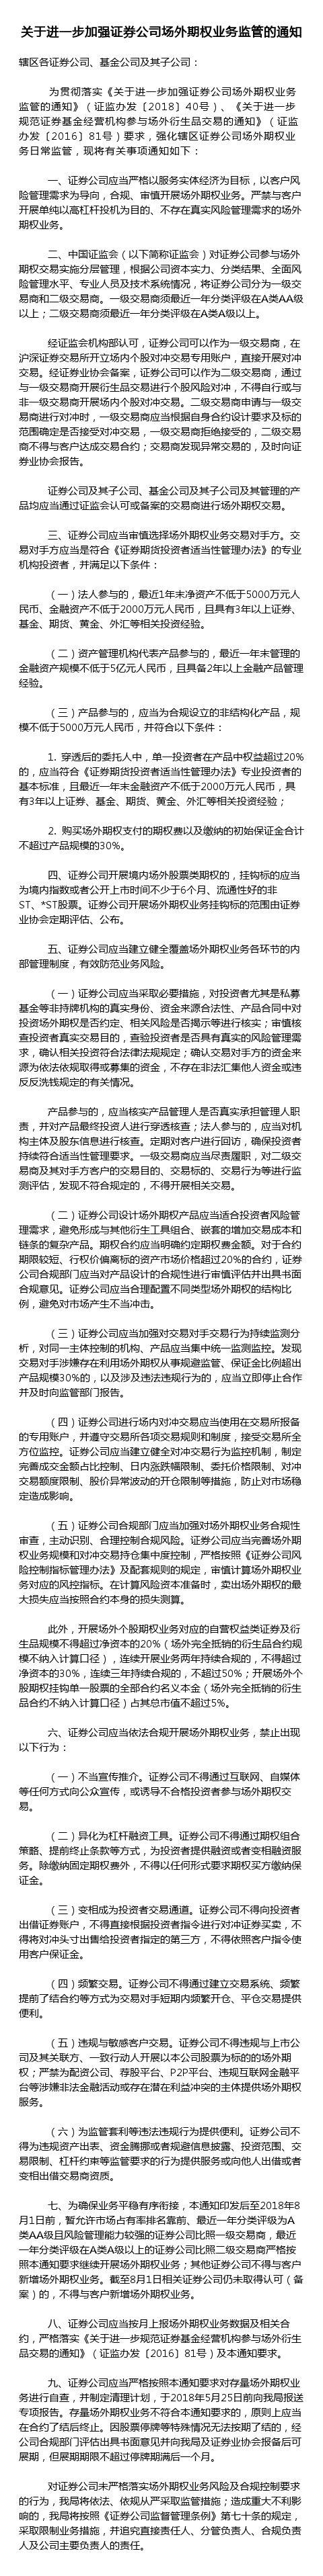 场外期权新规来了:8月1日前仅2家券商有一级资格